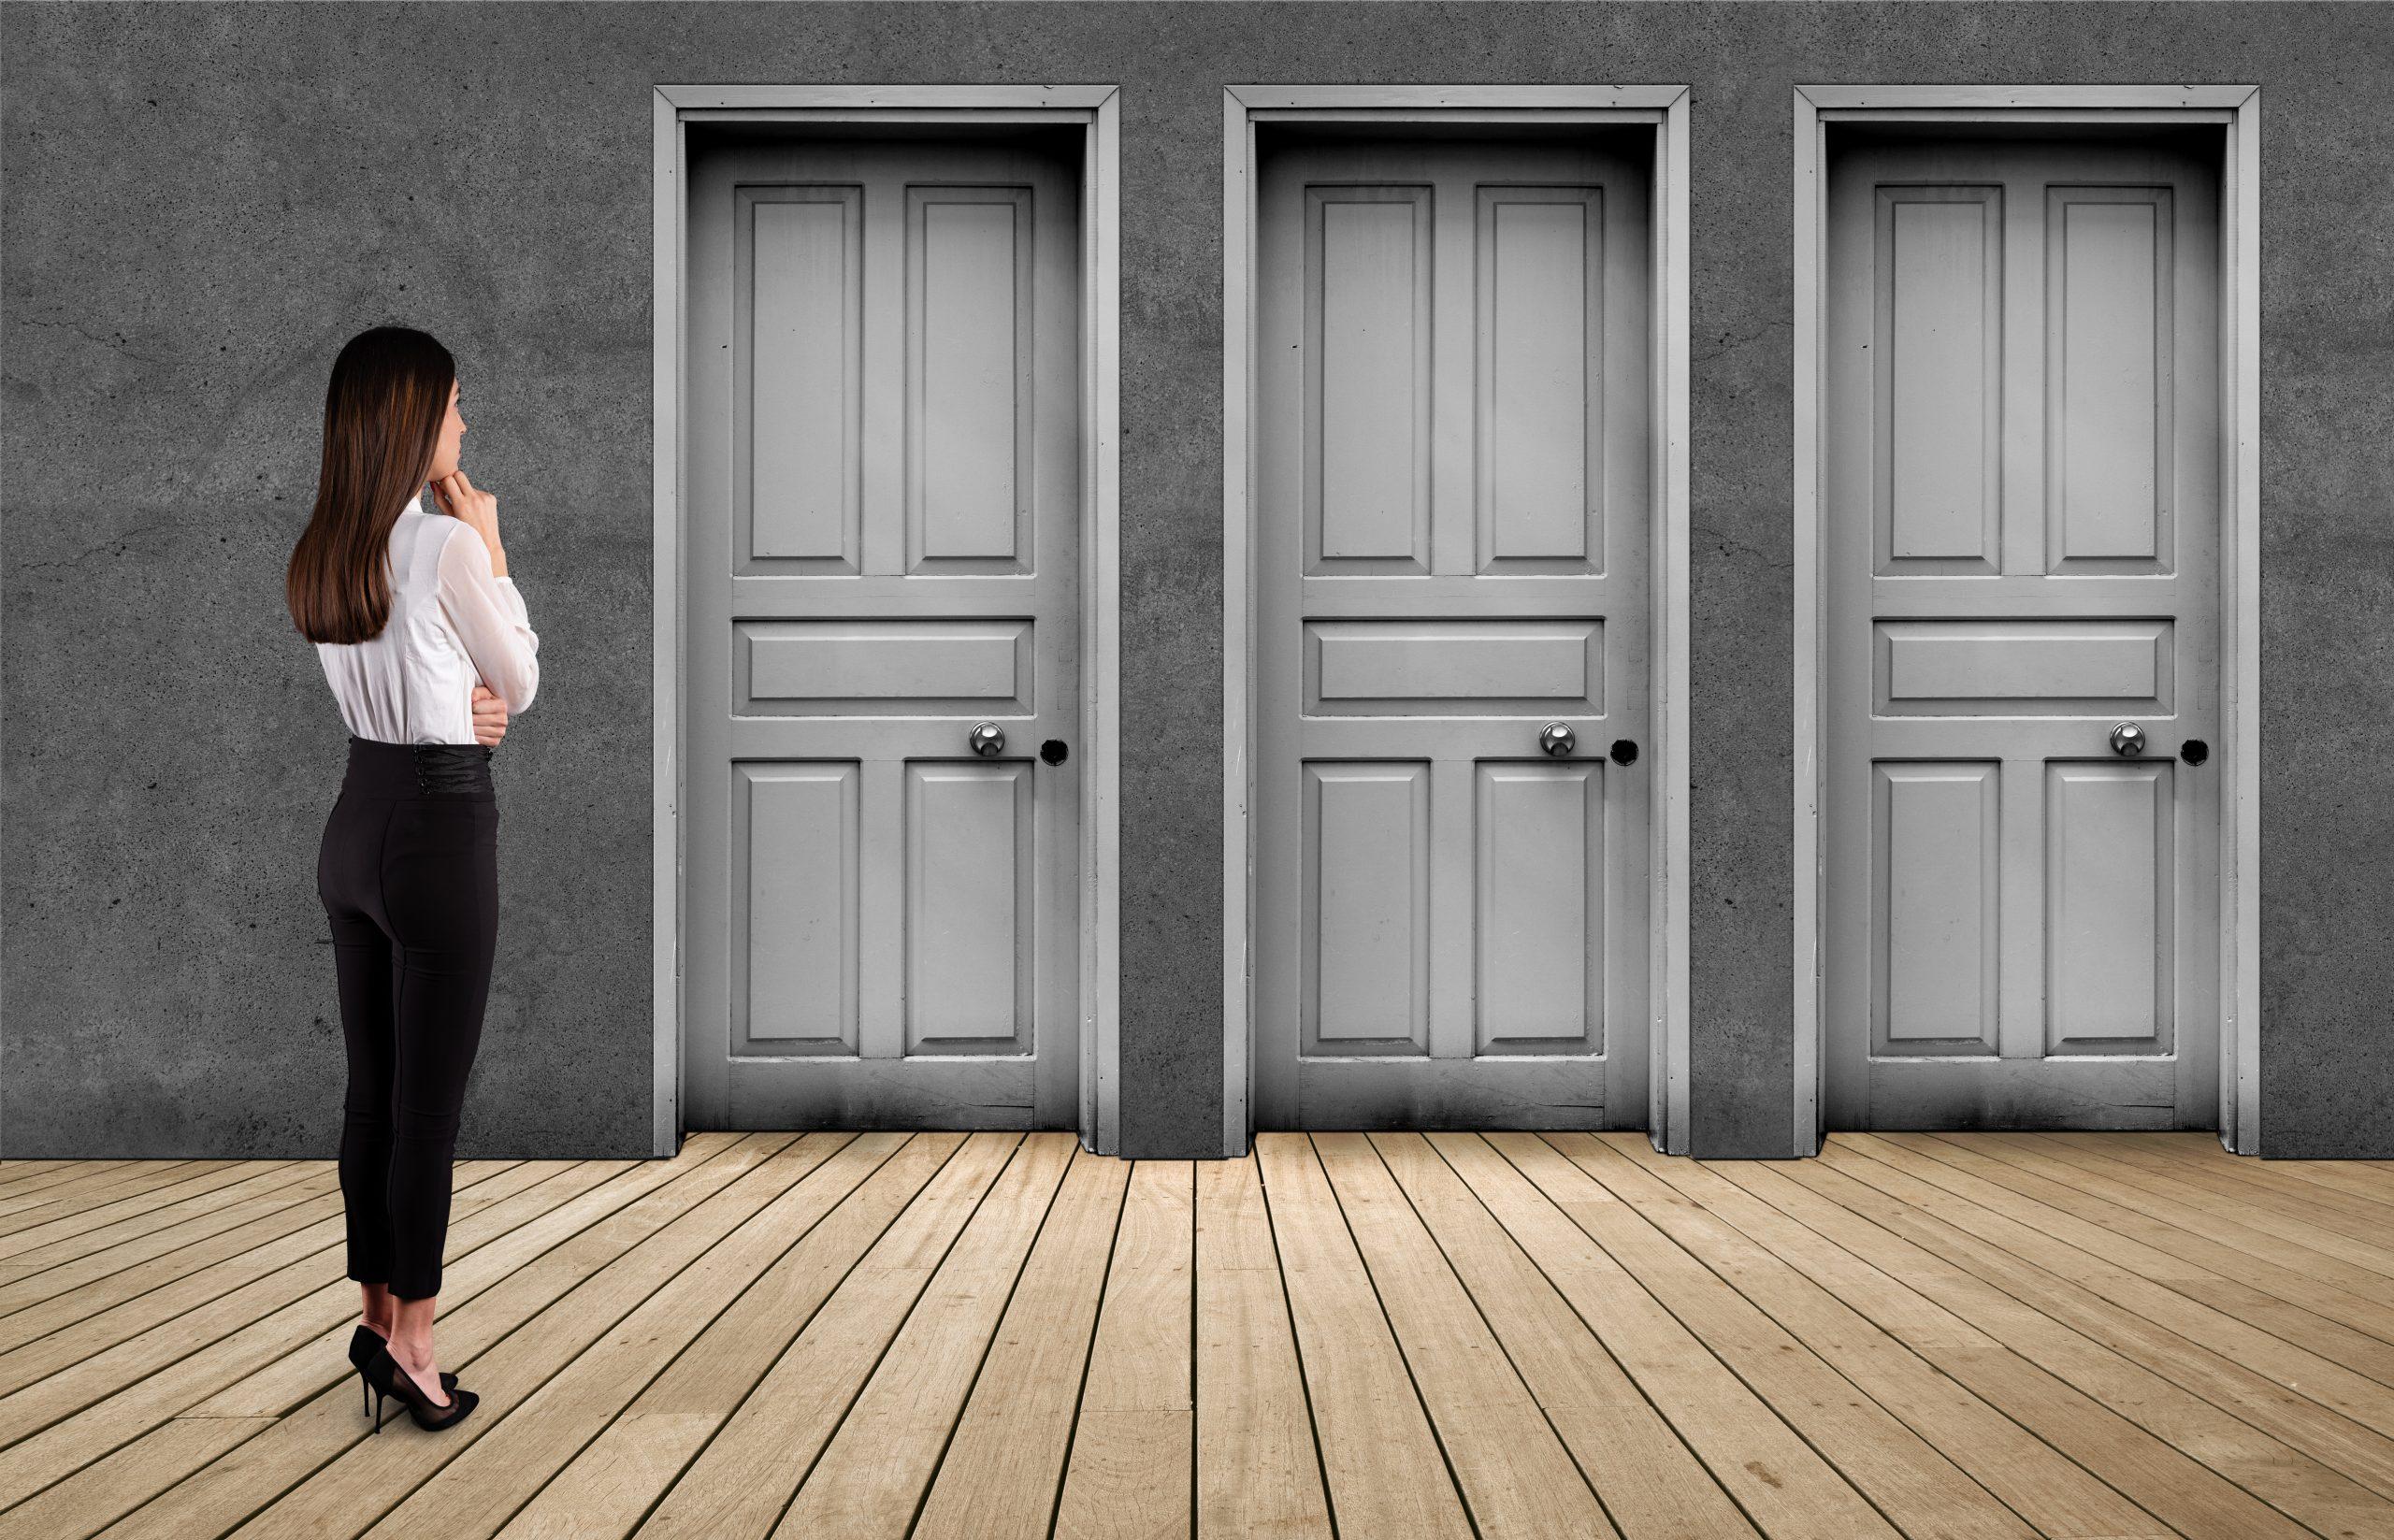 Business woman look at door.